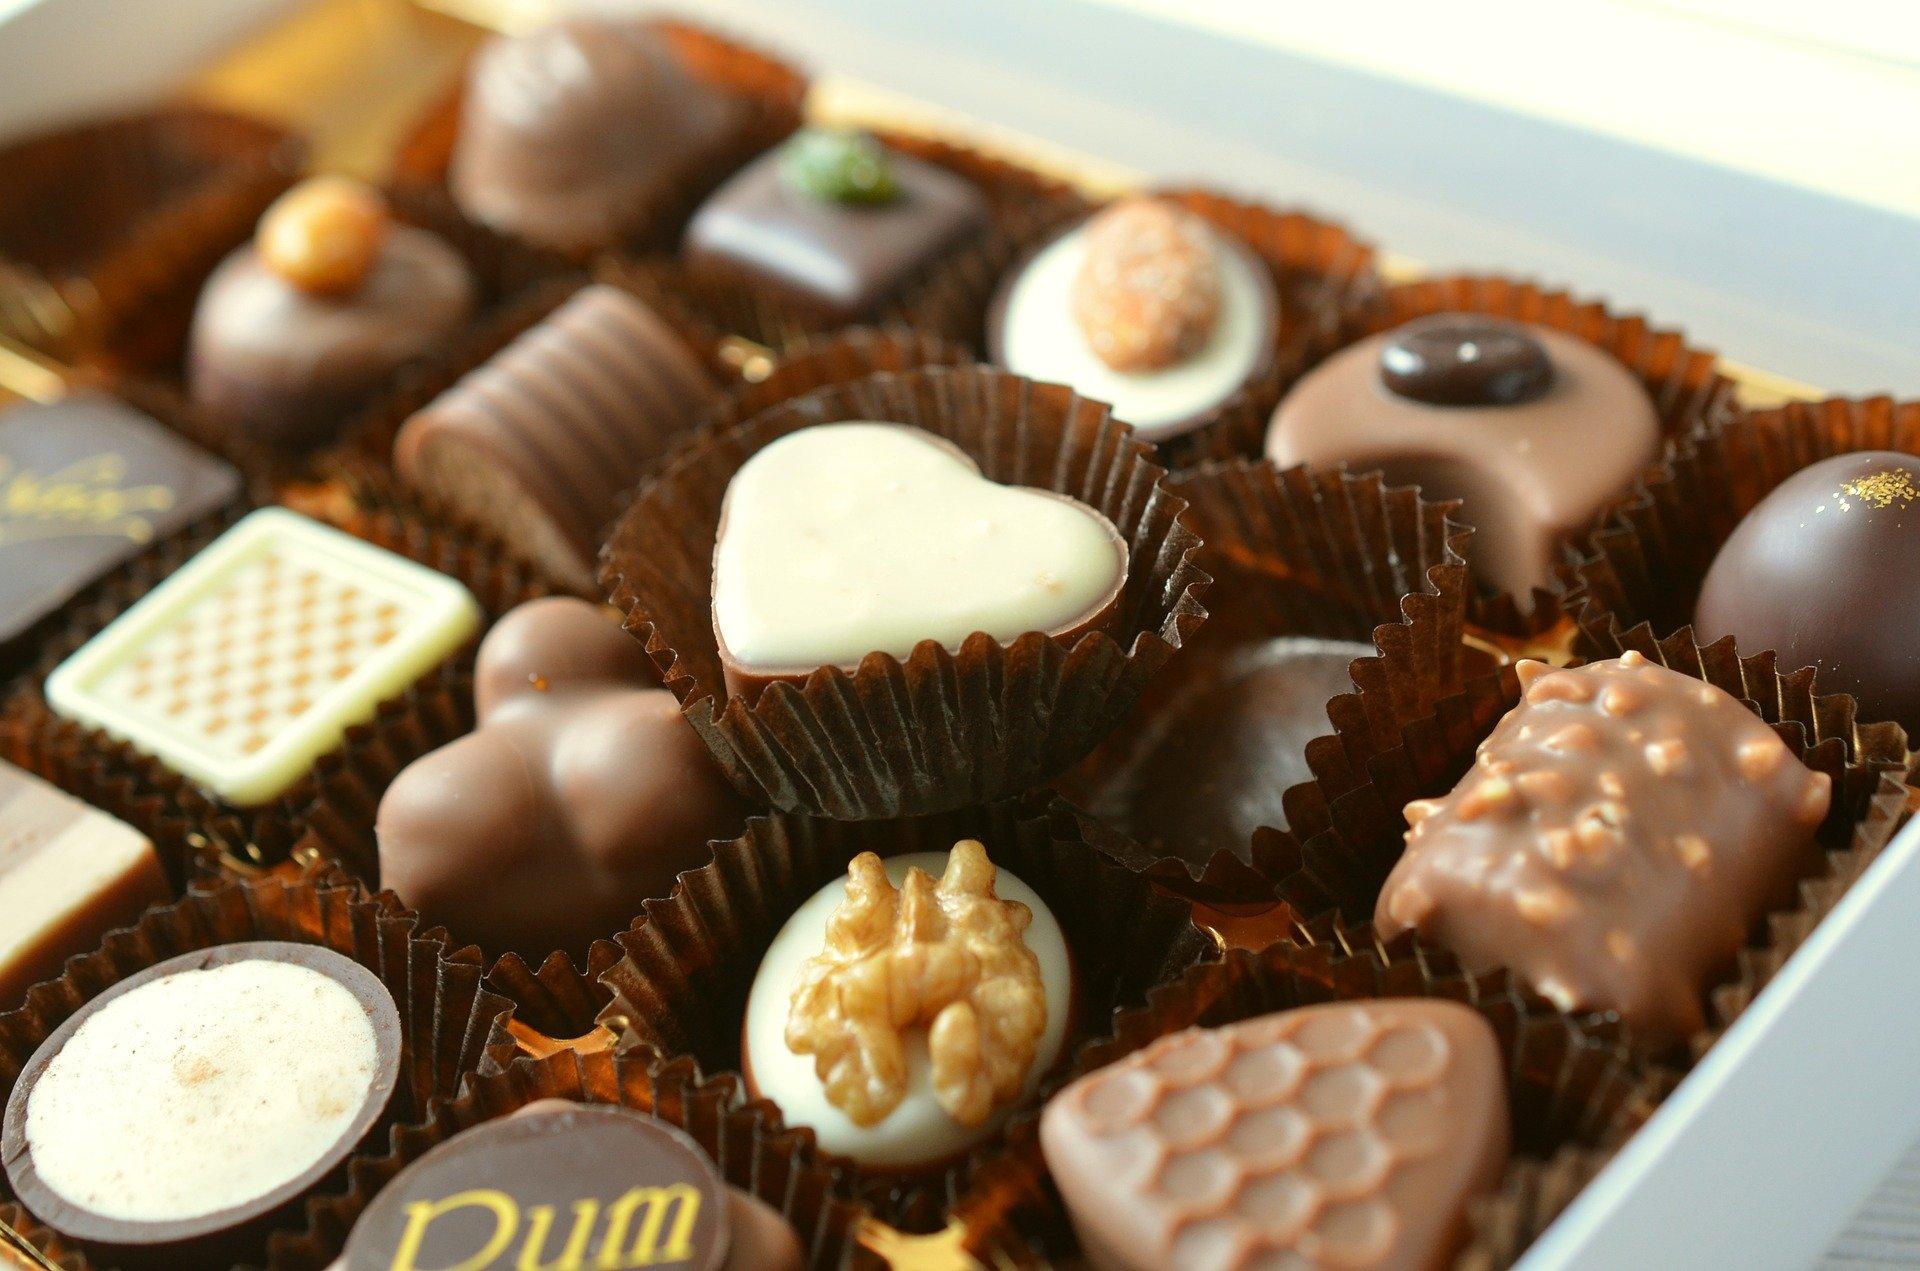 Imagem de uma caixa cheia de bombons de chocolate branco, ao leito, amargo e meio amargo, feitos de várias formatos e sabores diferenciados.